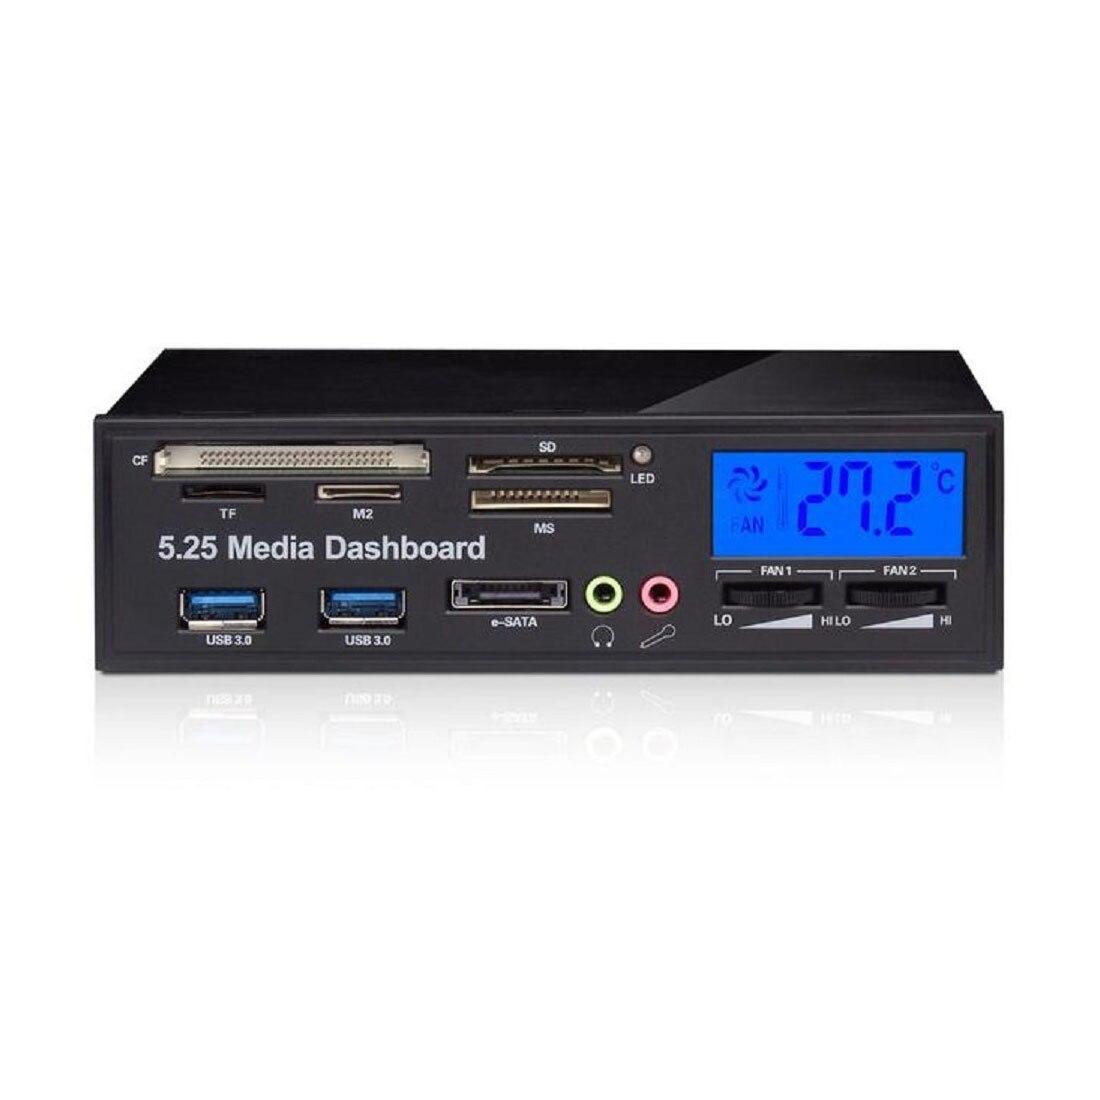 Panneau multimédia multifonctionnel 5.25 pouces ordinateur avant tableau de bord avec SATA/eSATA, USB 2.0/USB 3.0, Microphone/casque Audi